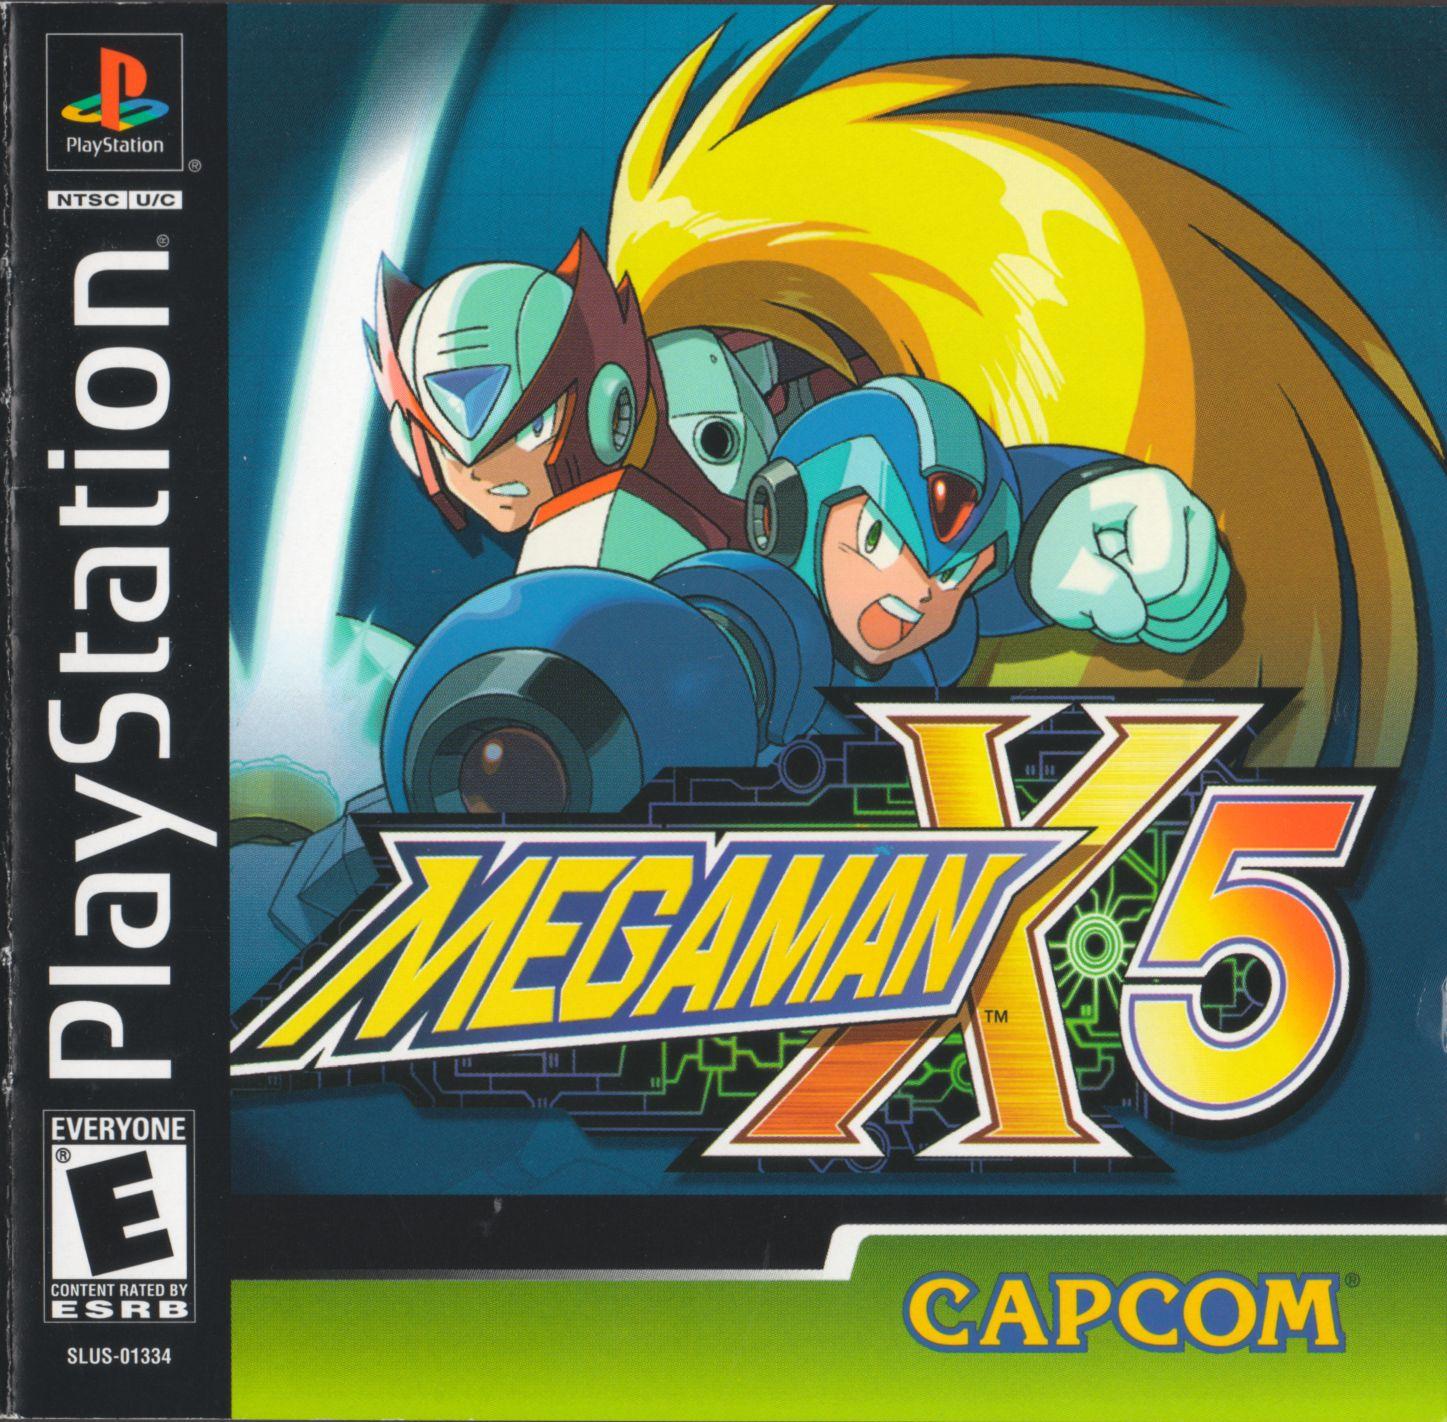 Megaman X5 [SLUS-01334]